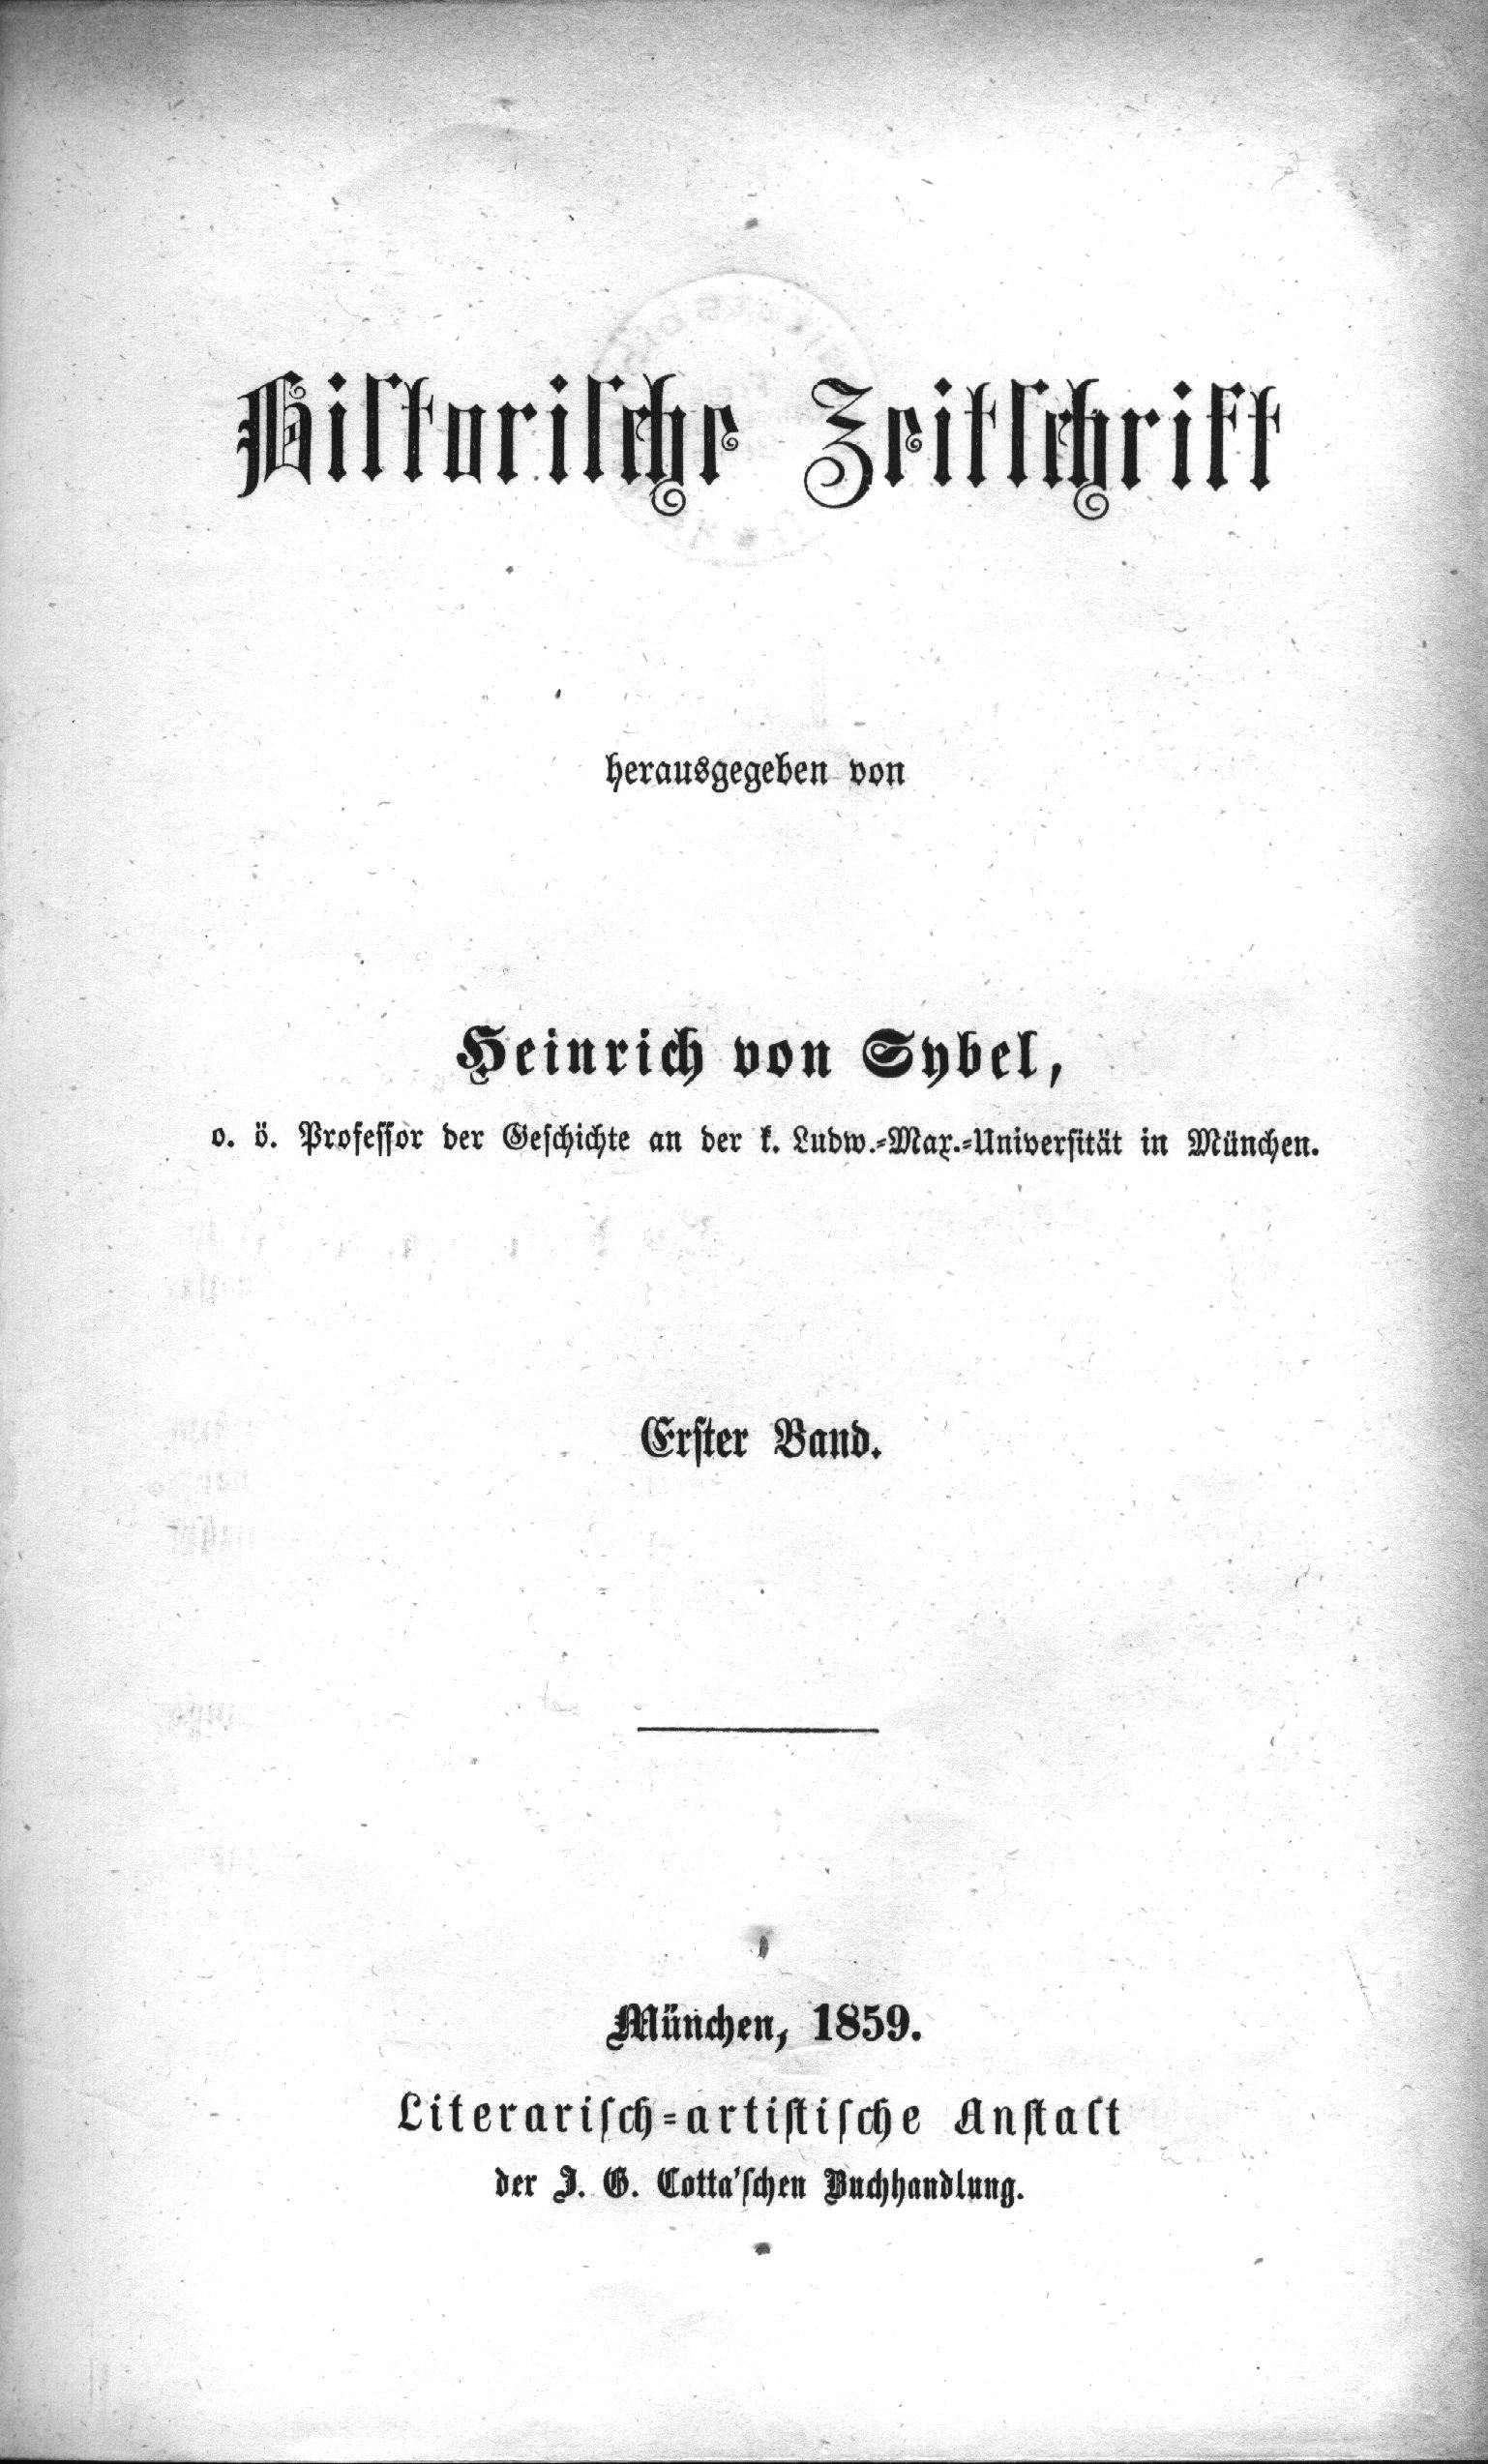 Historische Zeitschrift Wikipedia